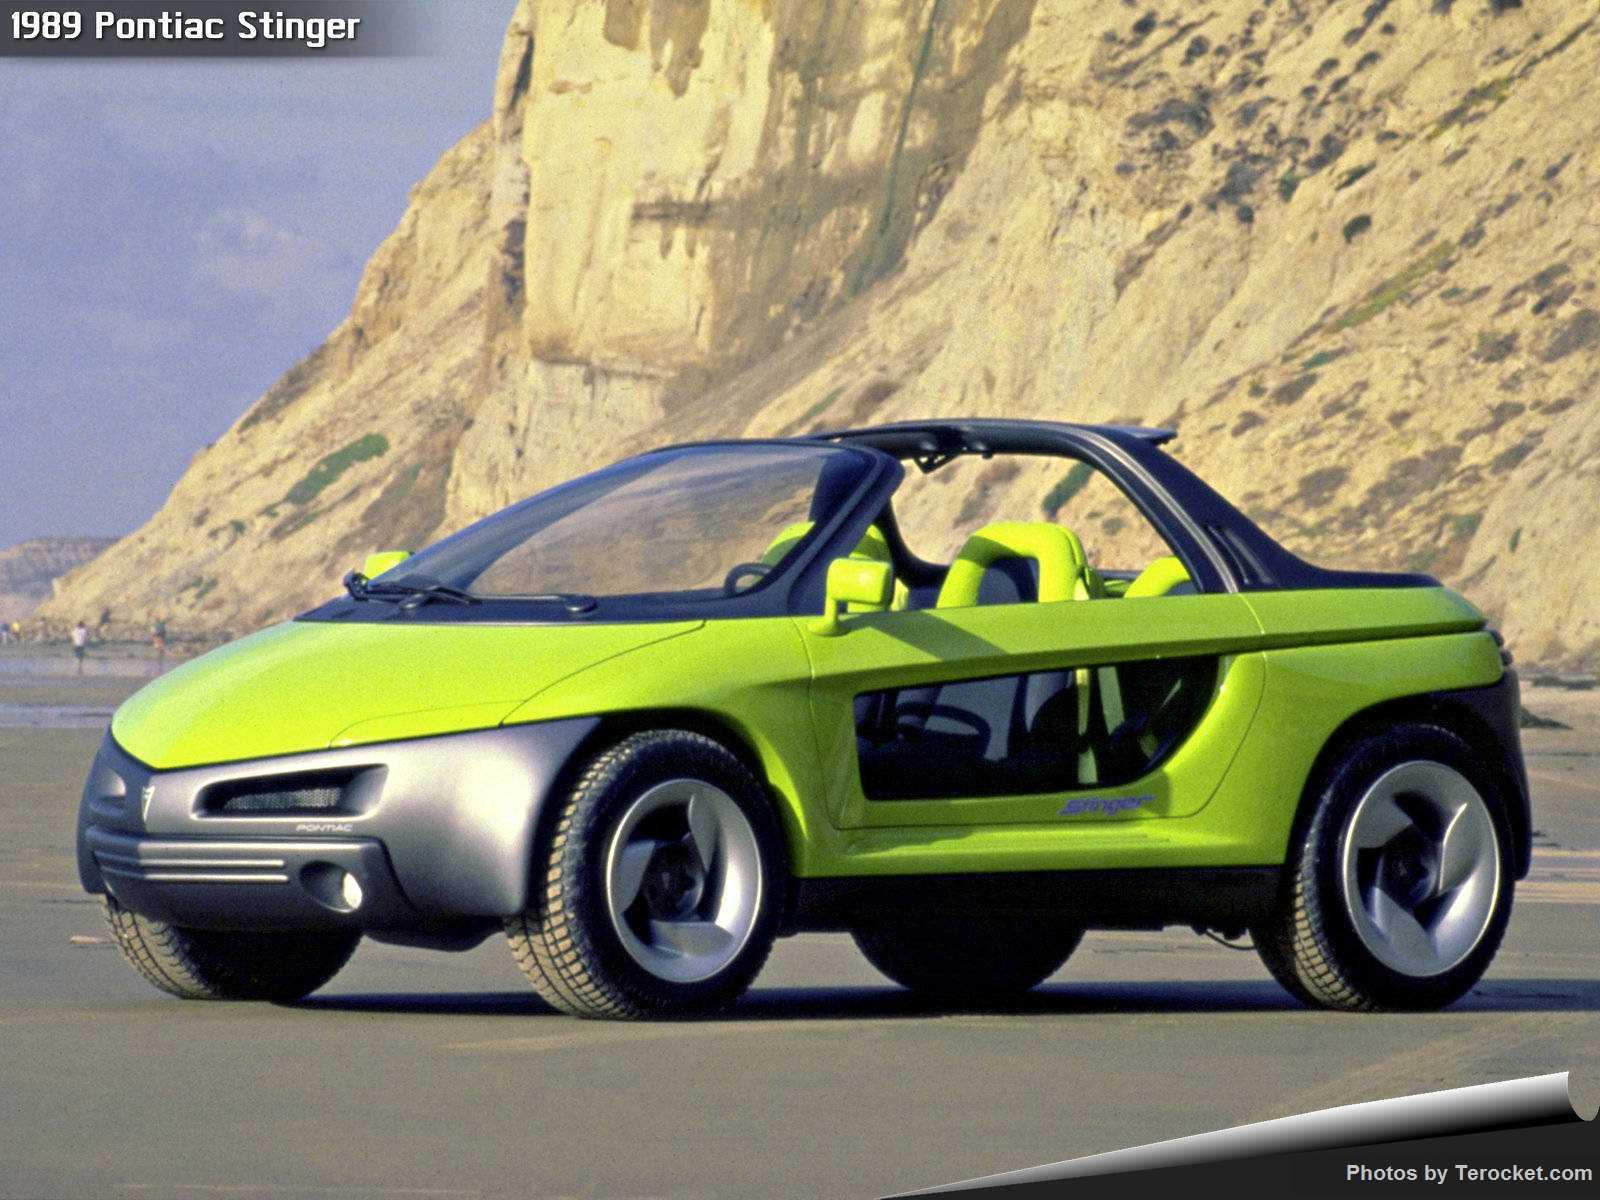 Hình ảnh xe ô tô Pontiac Stinger 1989 & nội ngoại thất